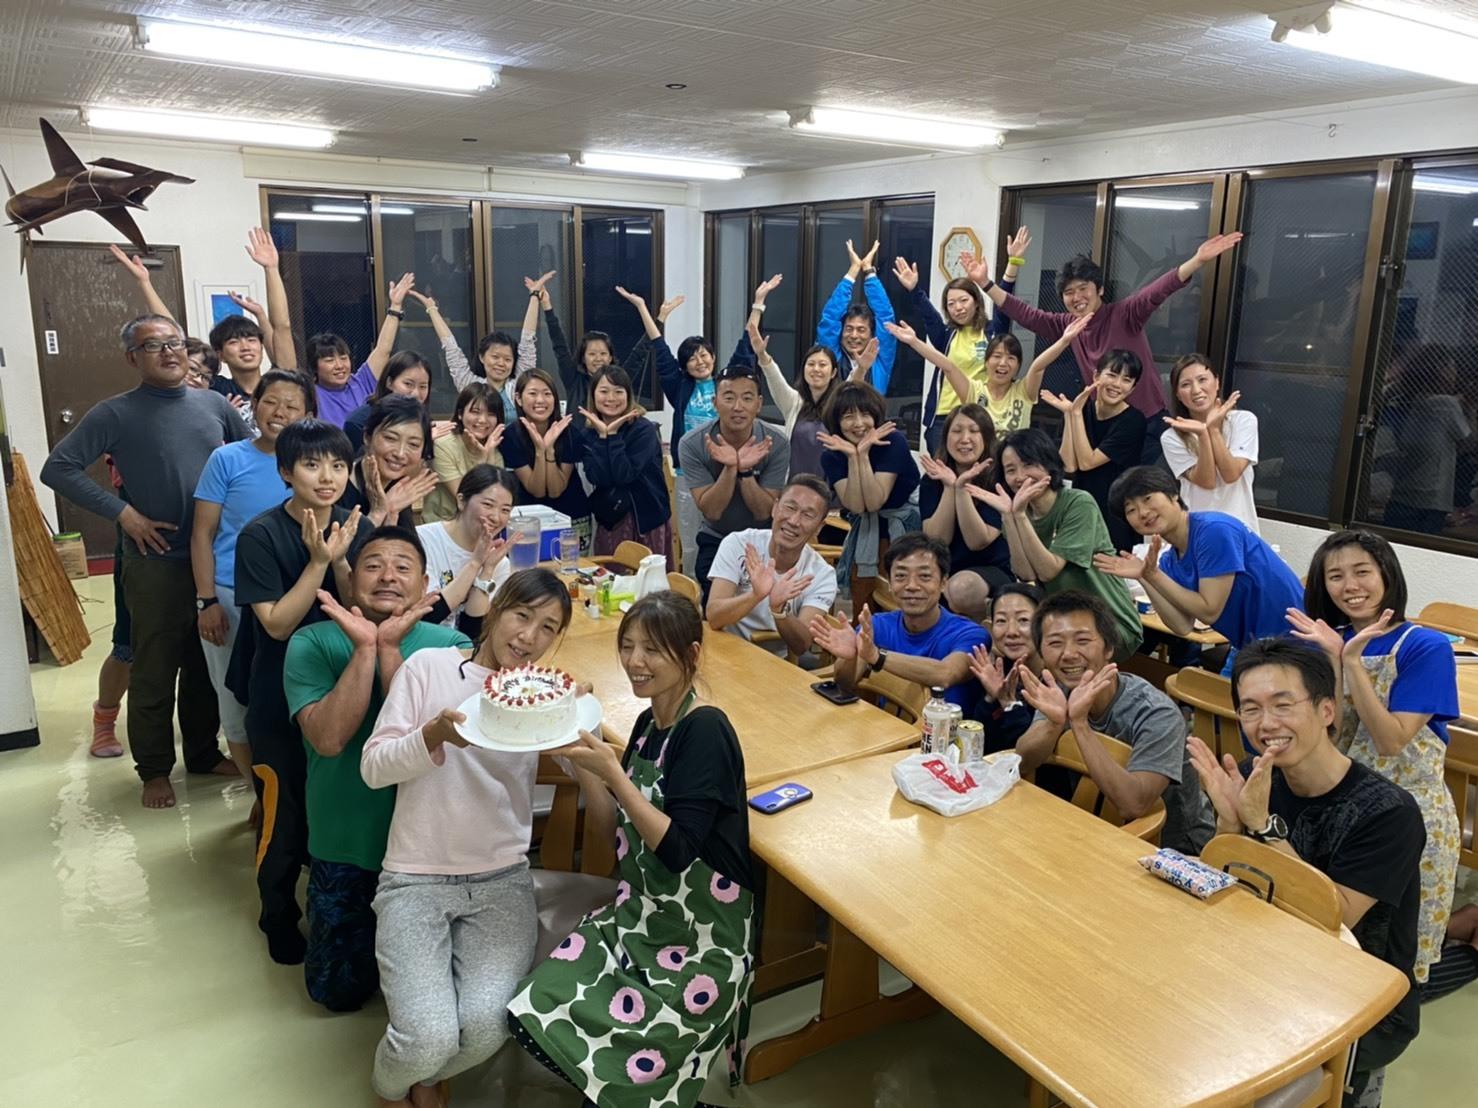 3月13日 ユカちゃんハッピーバスデー!_d0113459_20335922.jpg